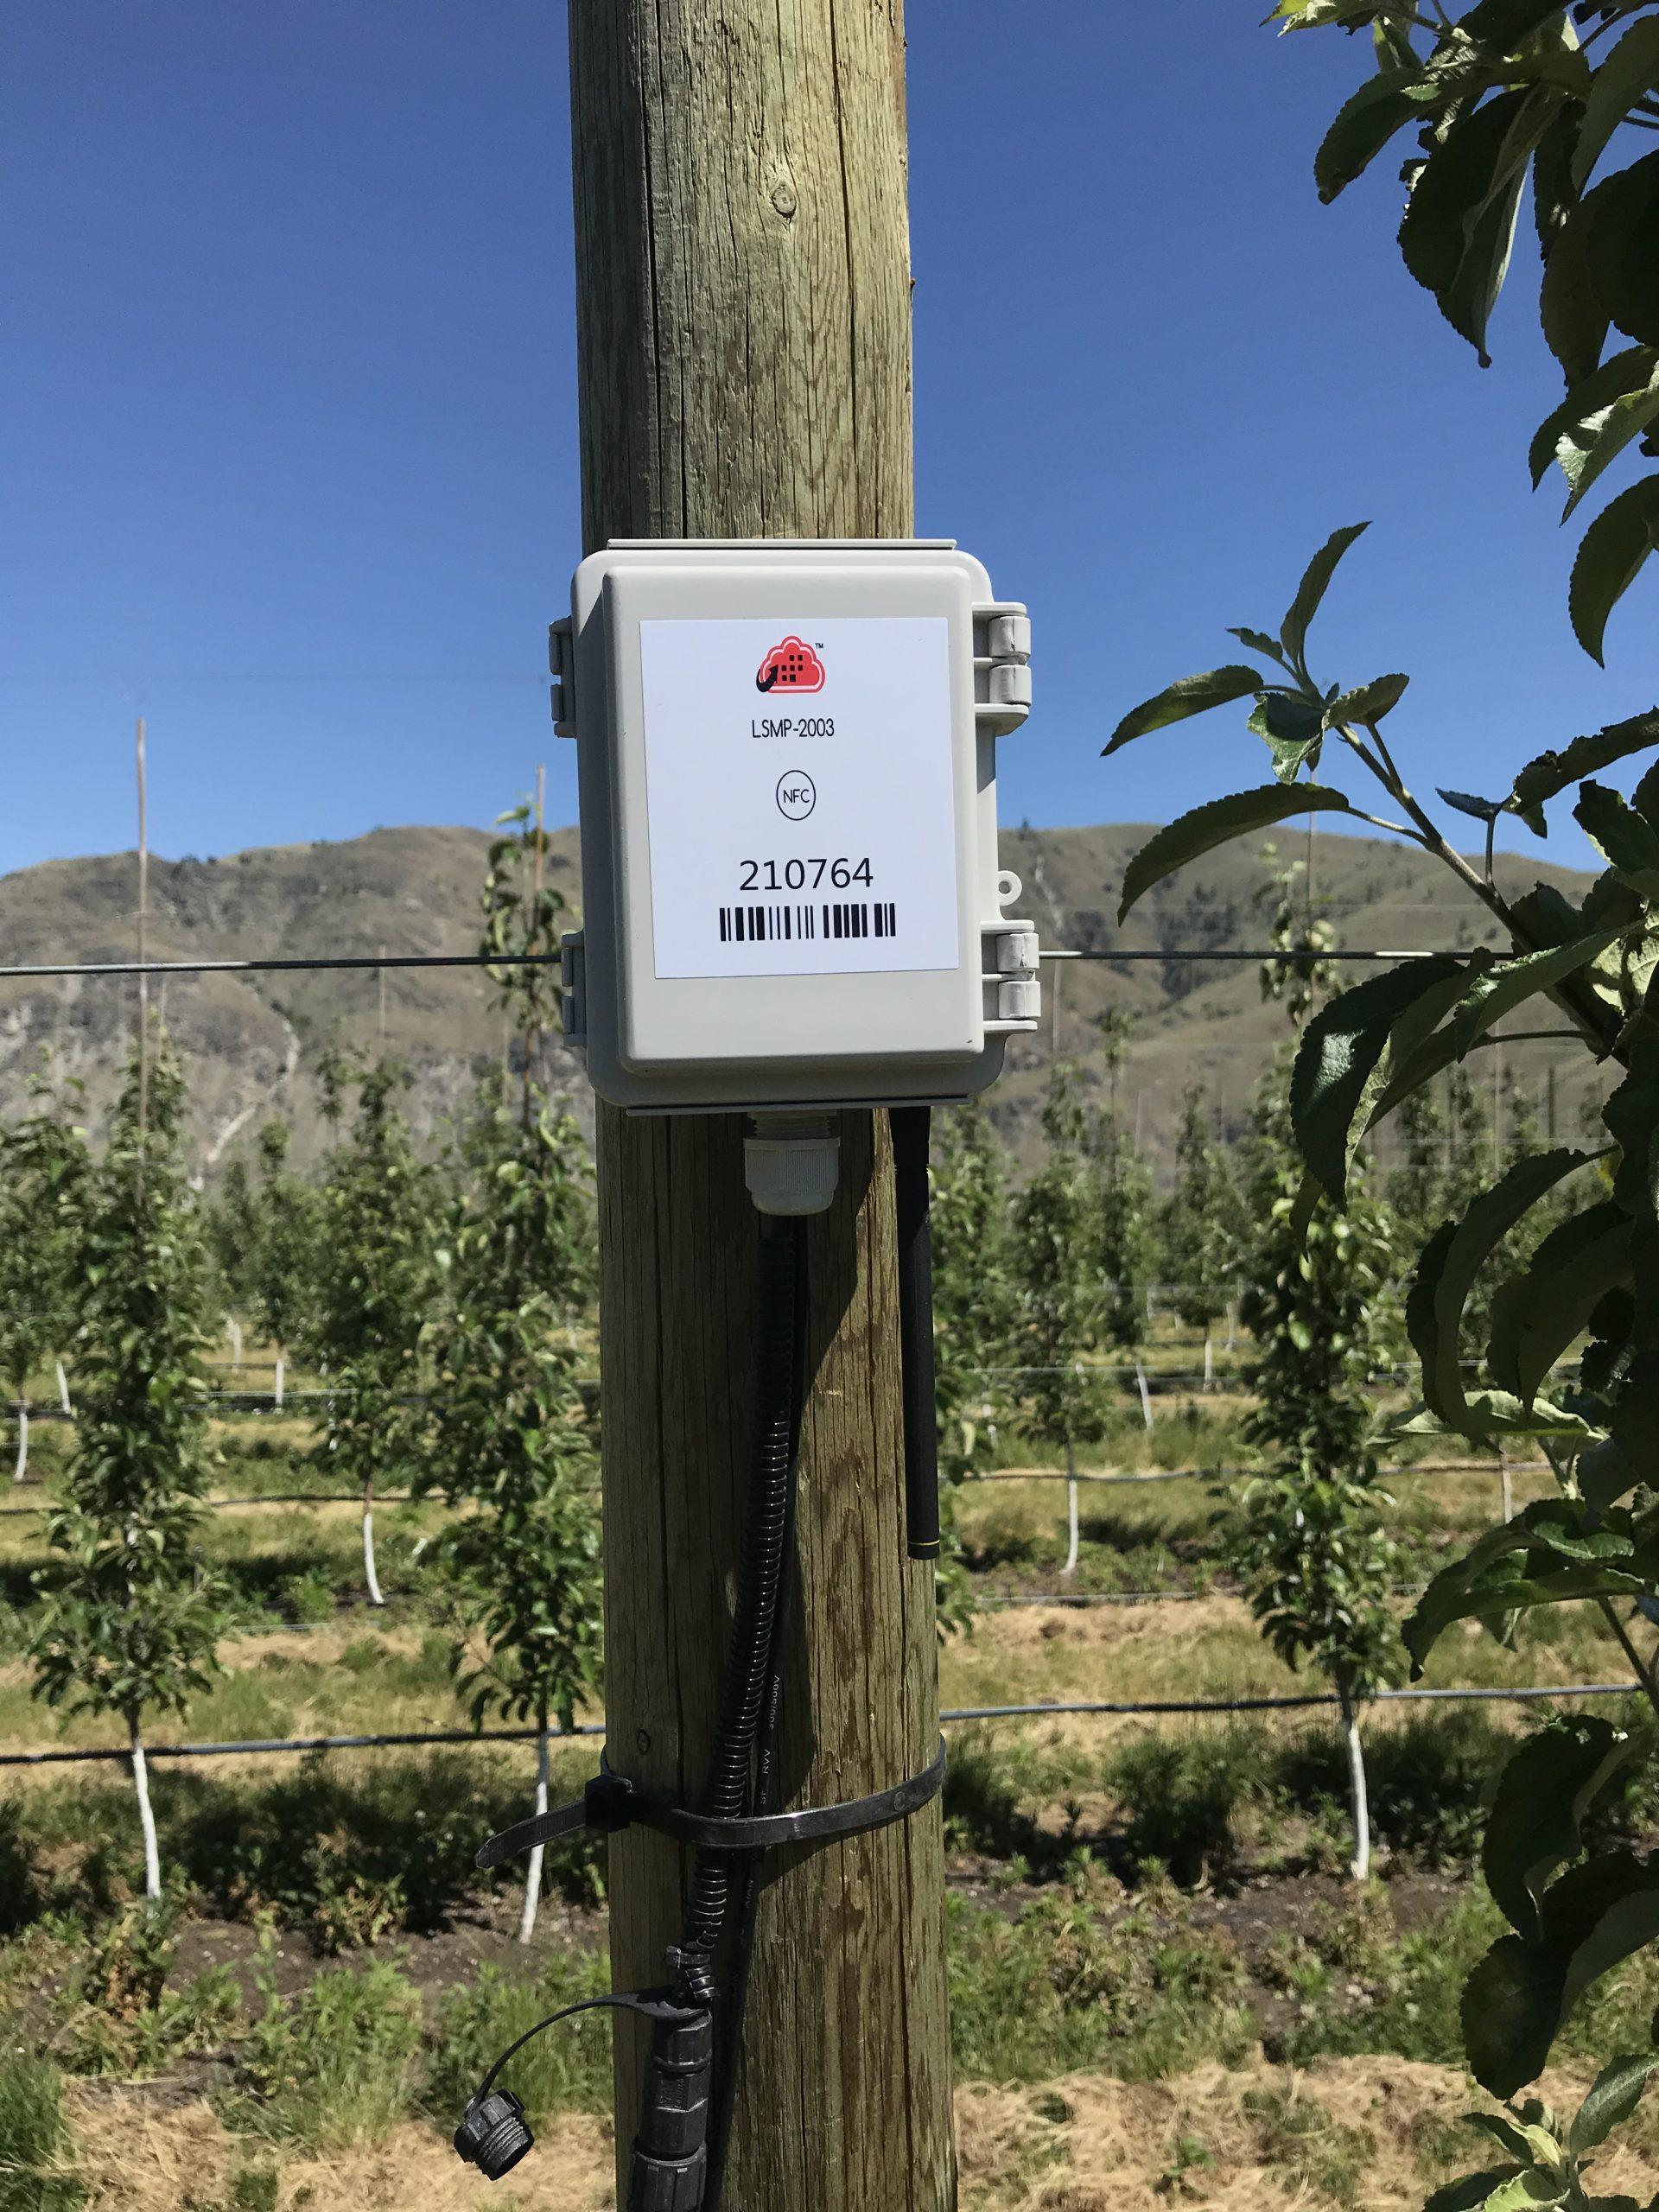 Zenseio Soil Moisture Monitoring